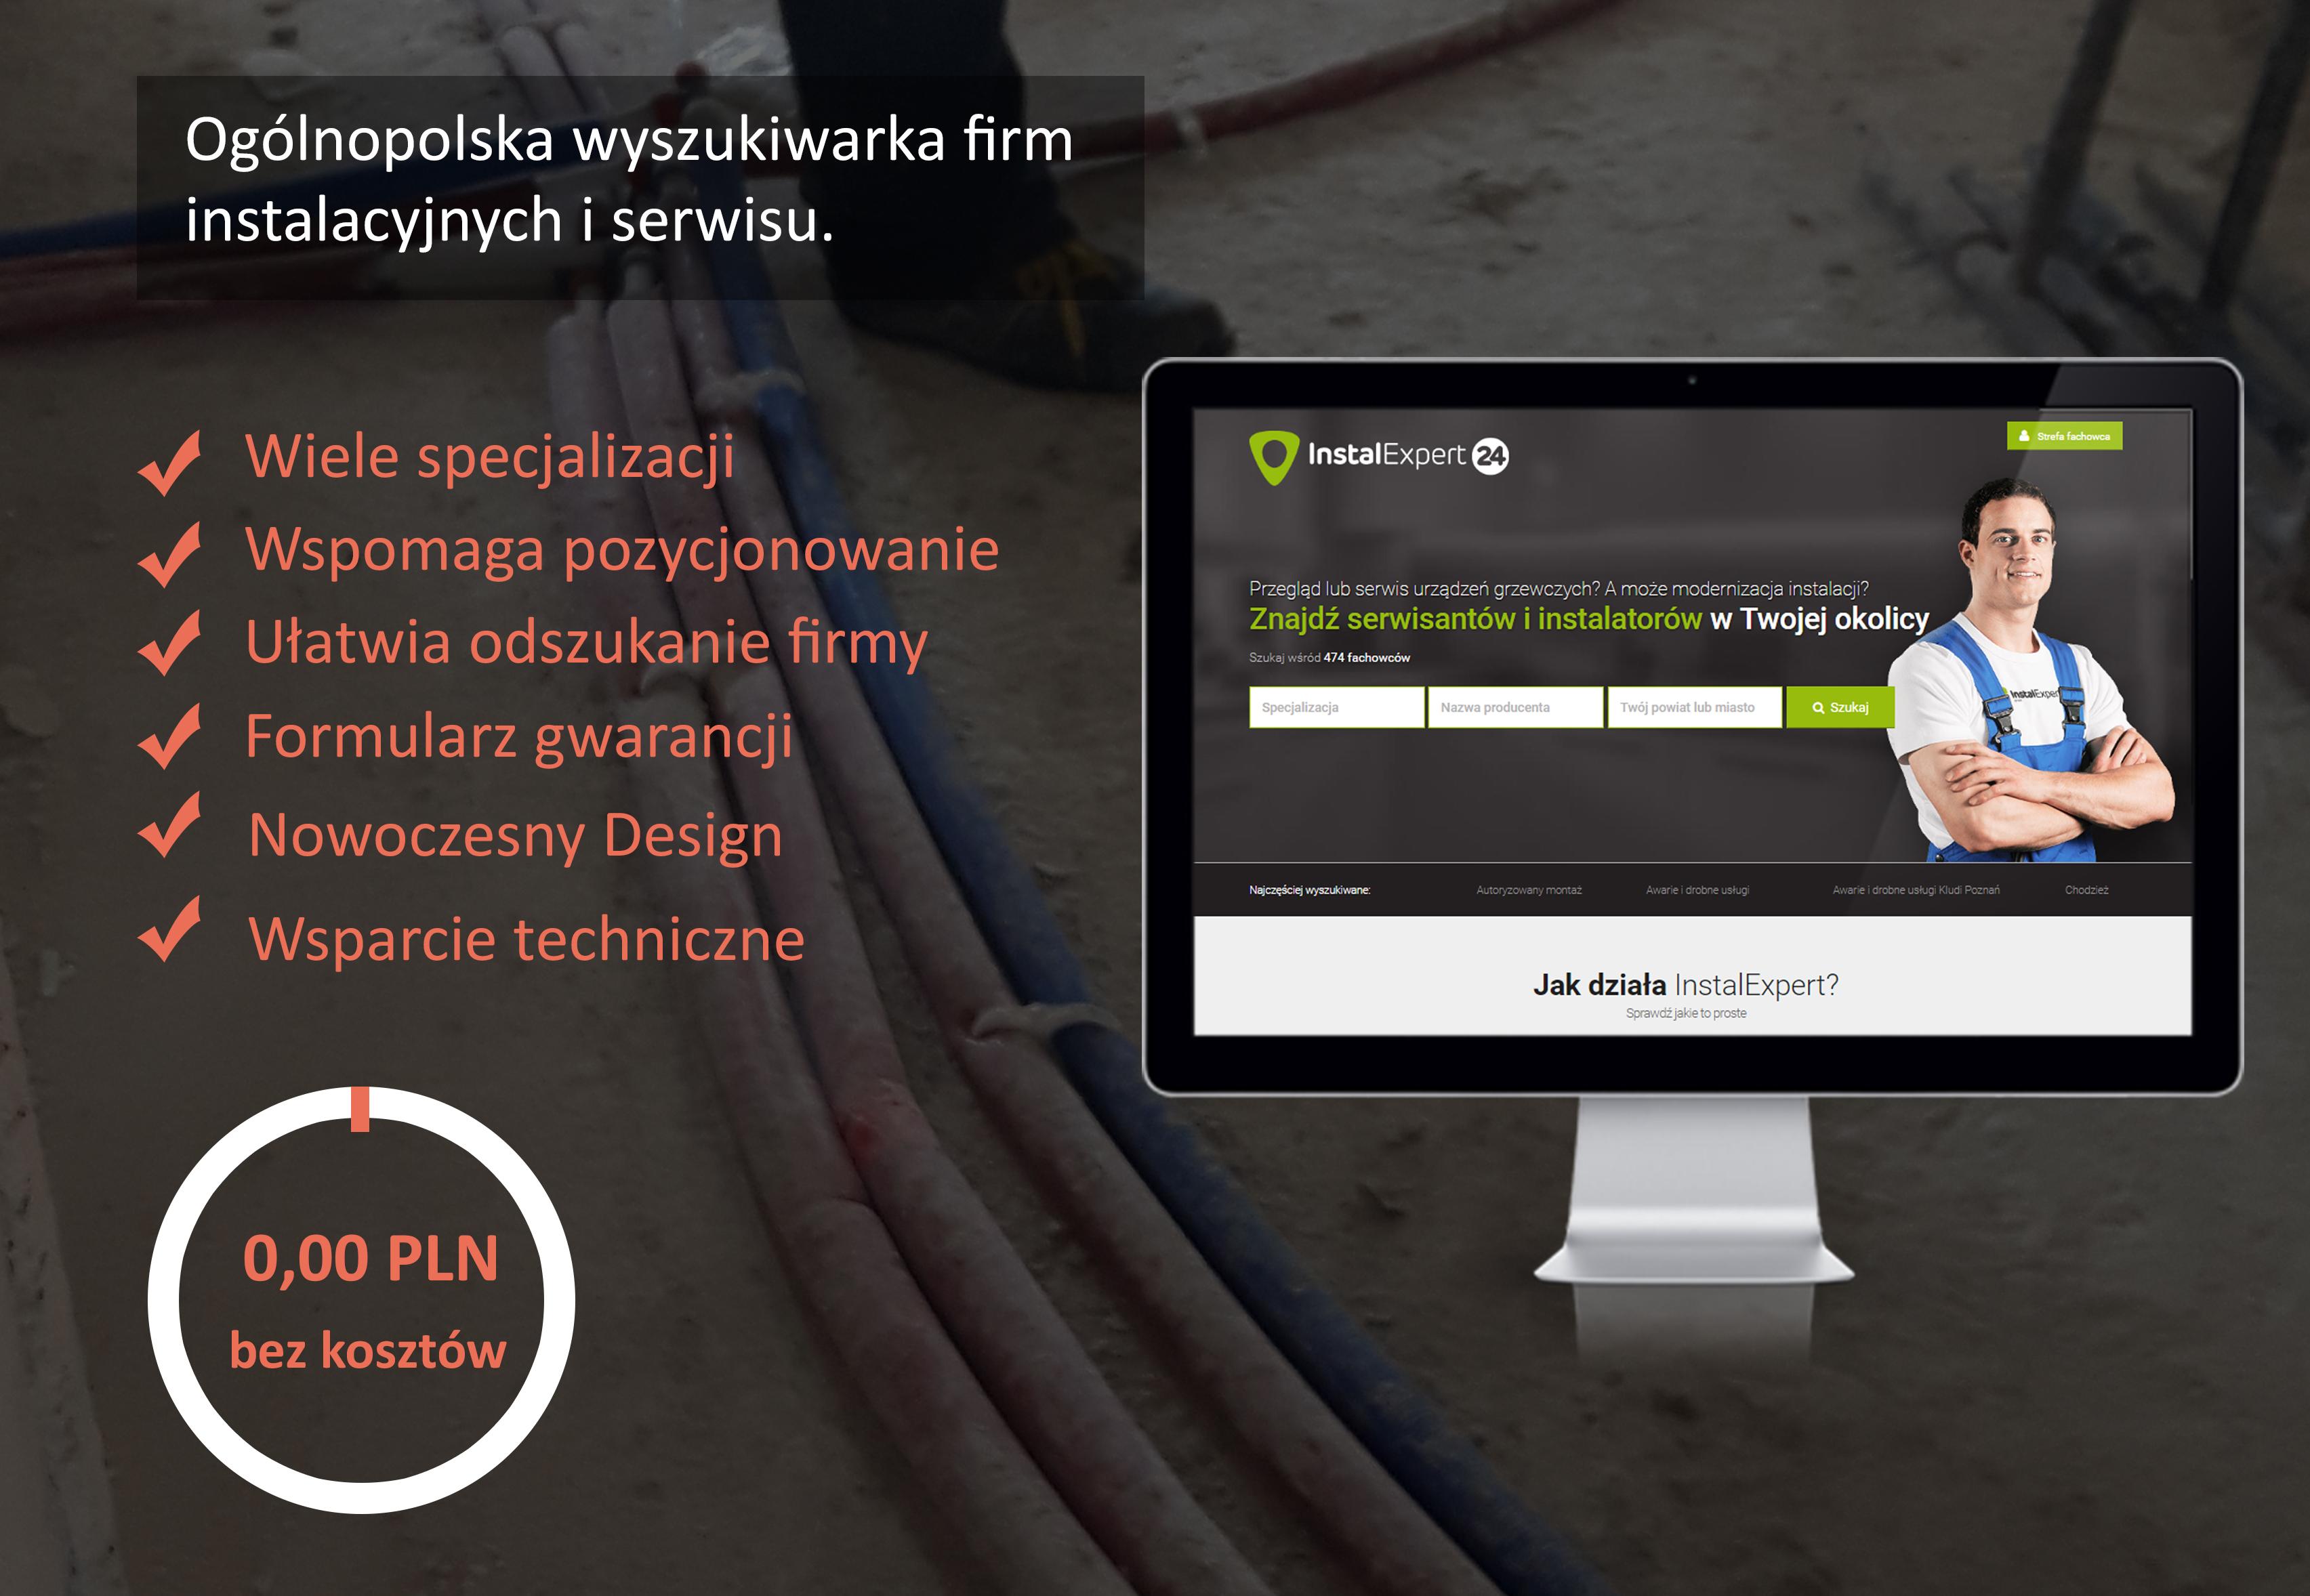 IG Ekran wyszukiwarka